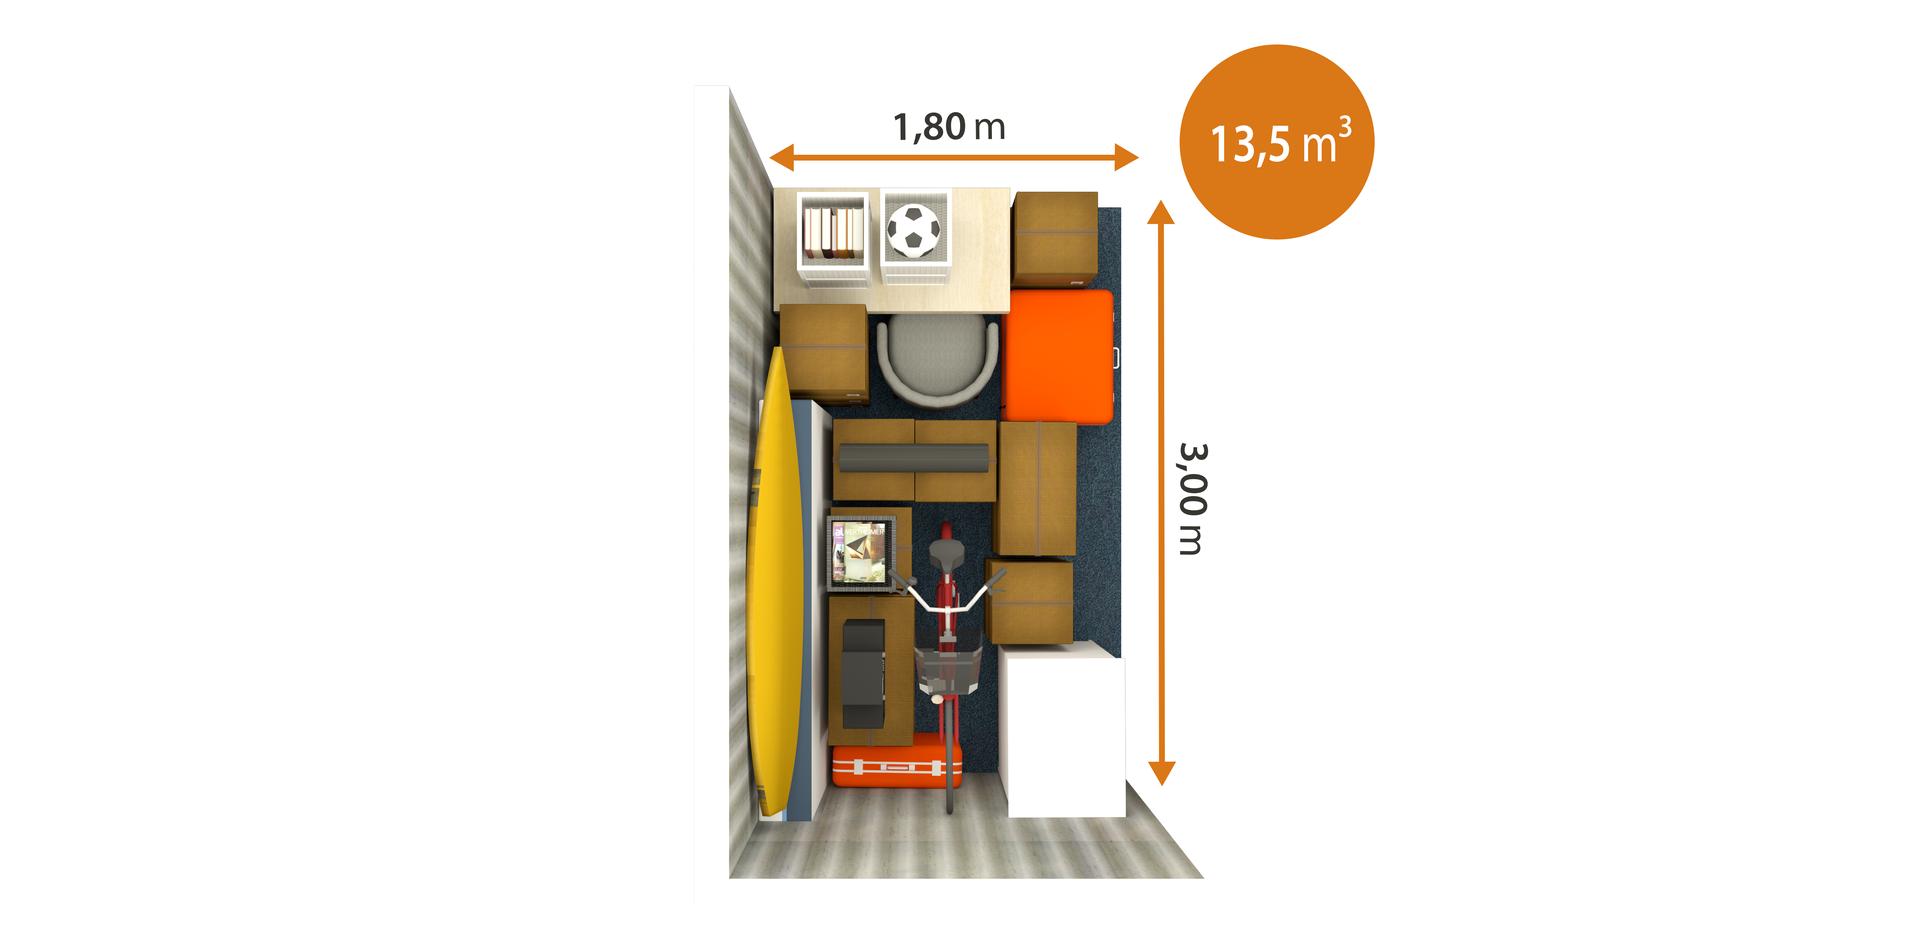 Trastero de 13,5 m³ desde arriba